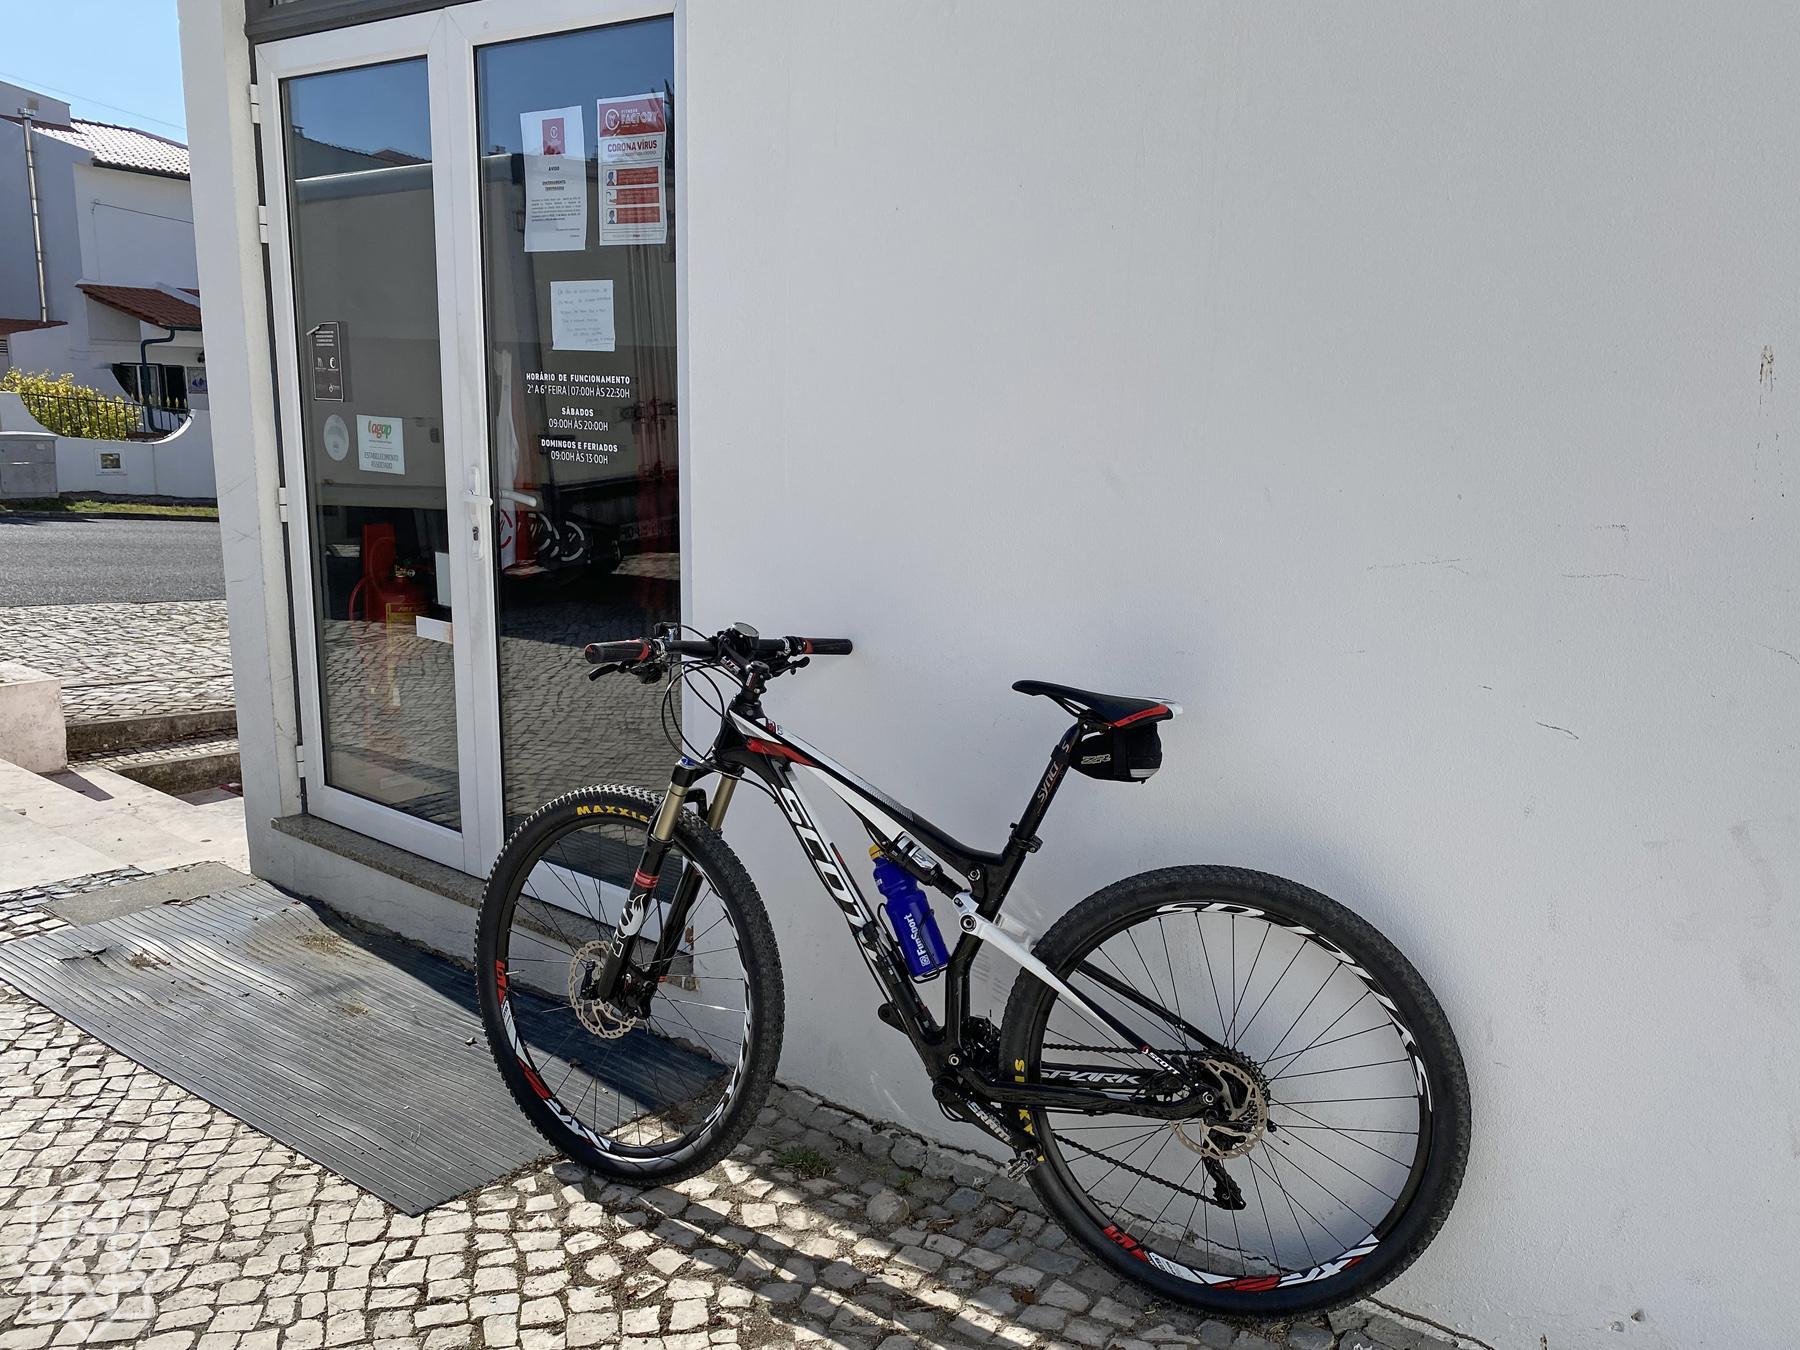 Bästa gymmet i stan har stängt. Då får det bli cykel i stället!